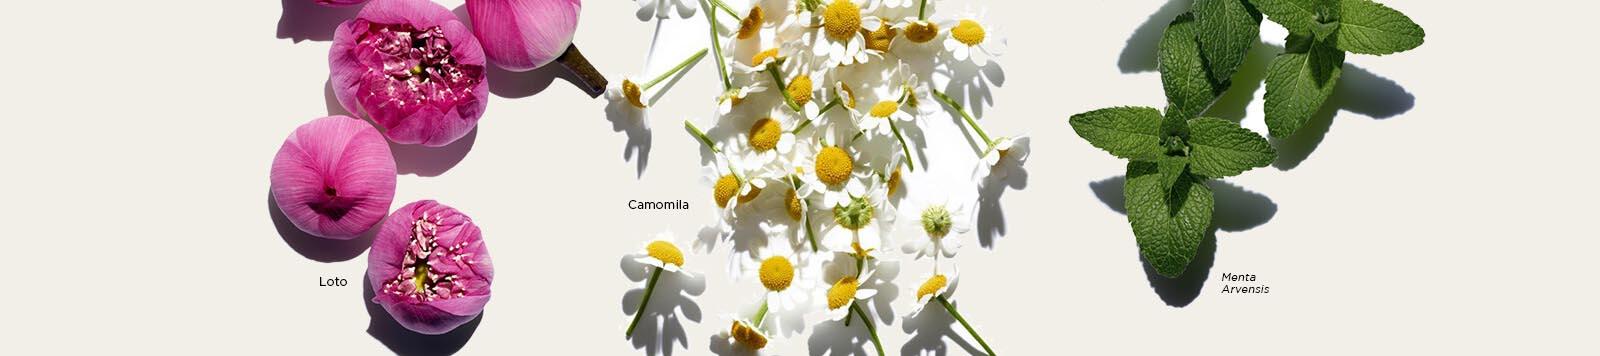 Imágenes de ingredientes Lotus, Manzanilla y Menta Arvensis